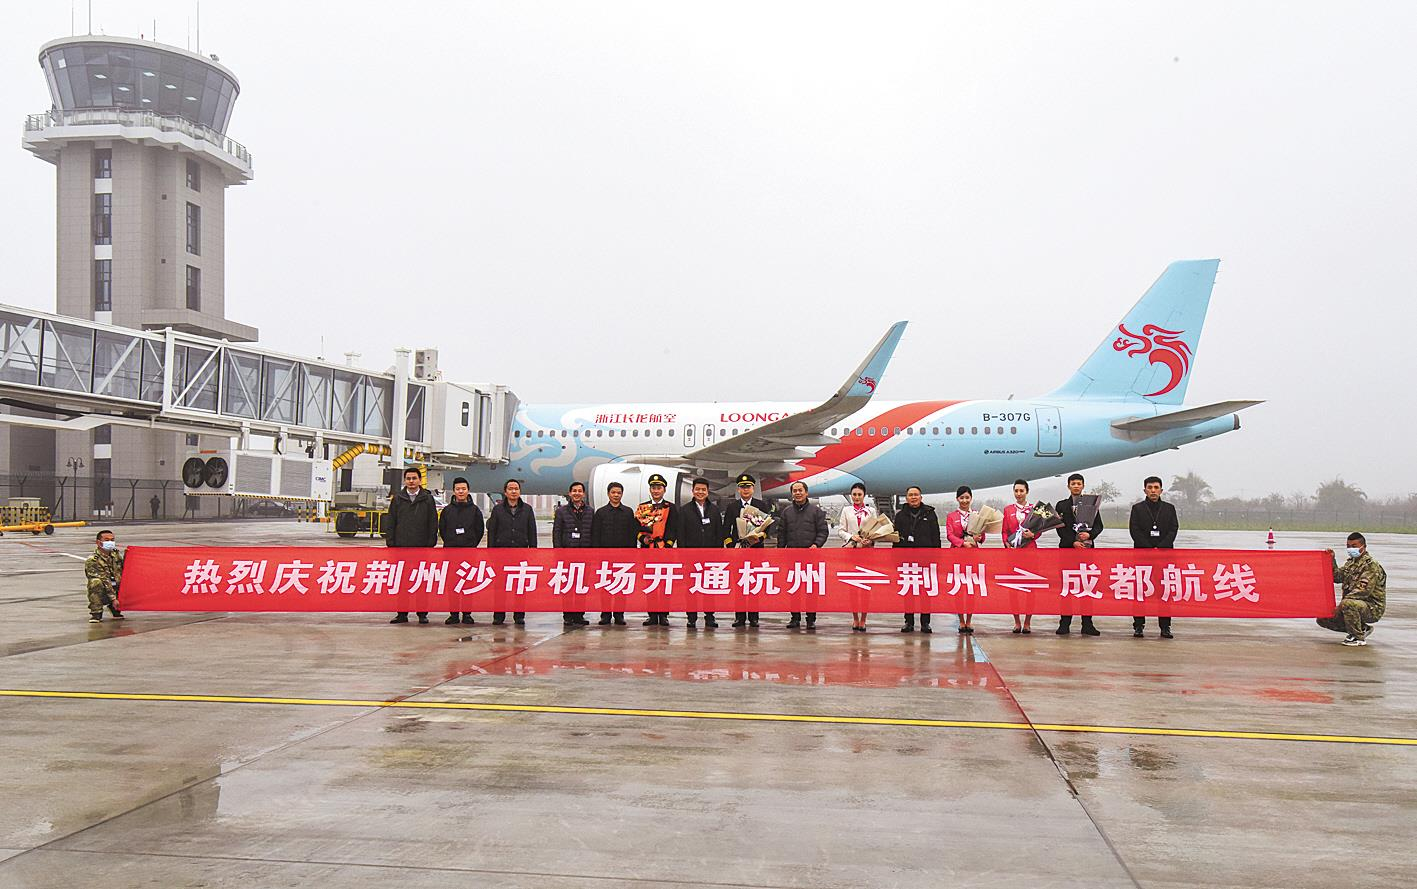 沙市机场新开通多条国内航班